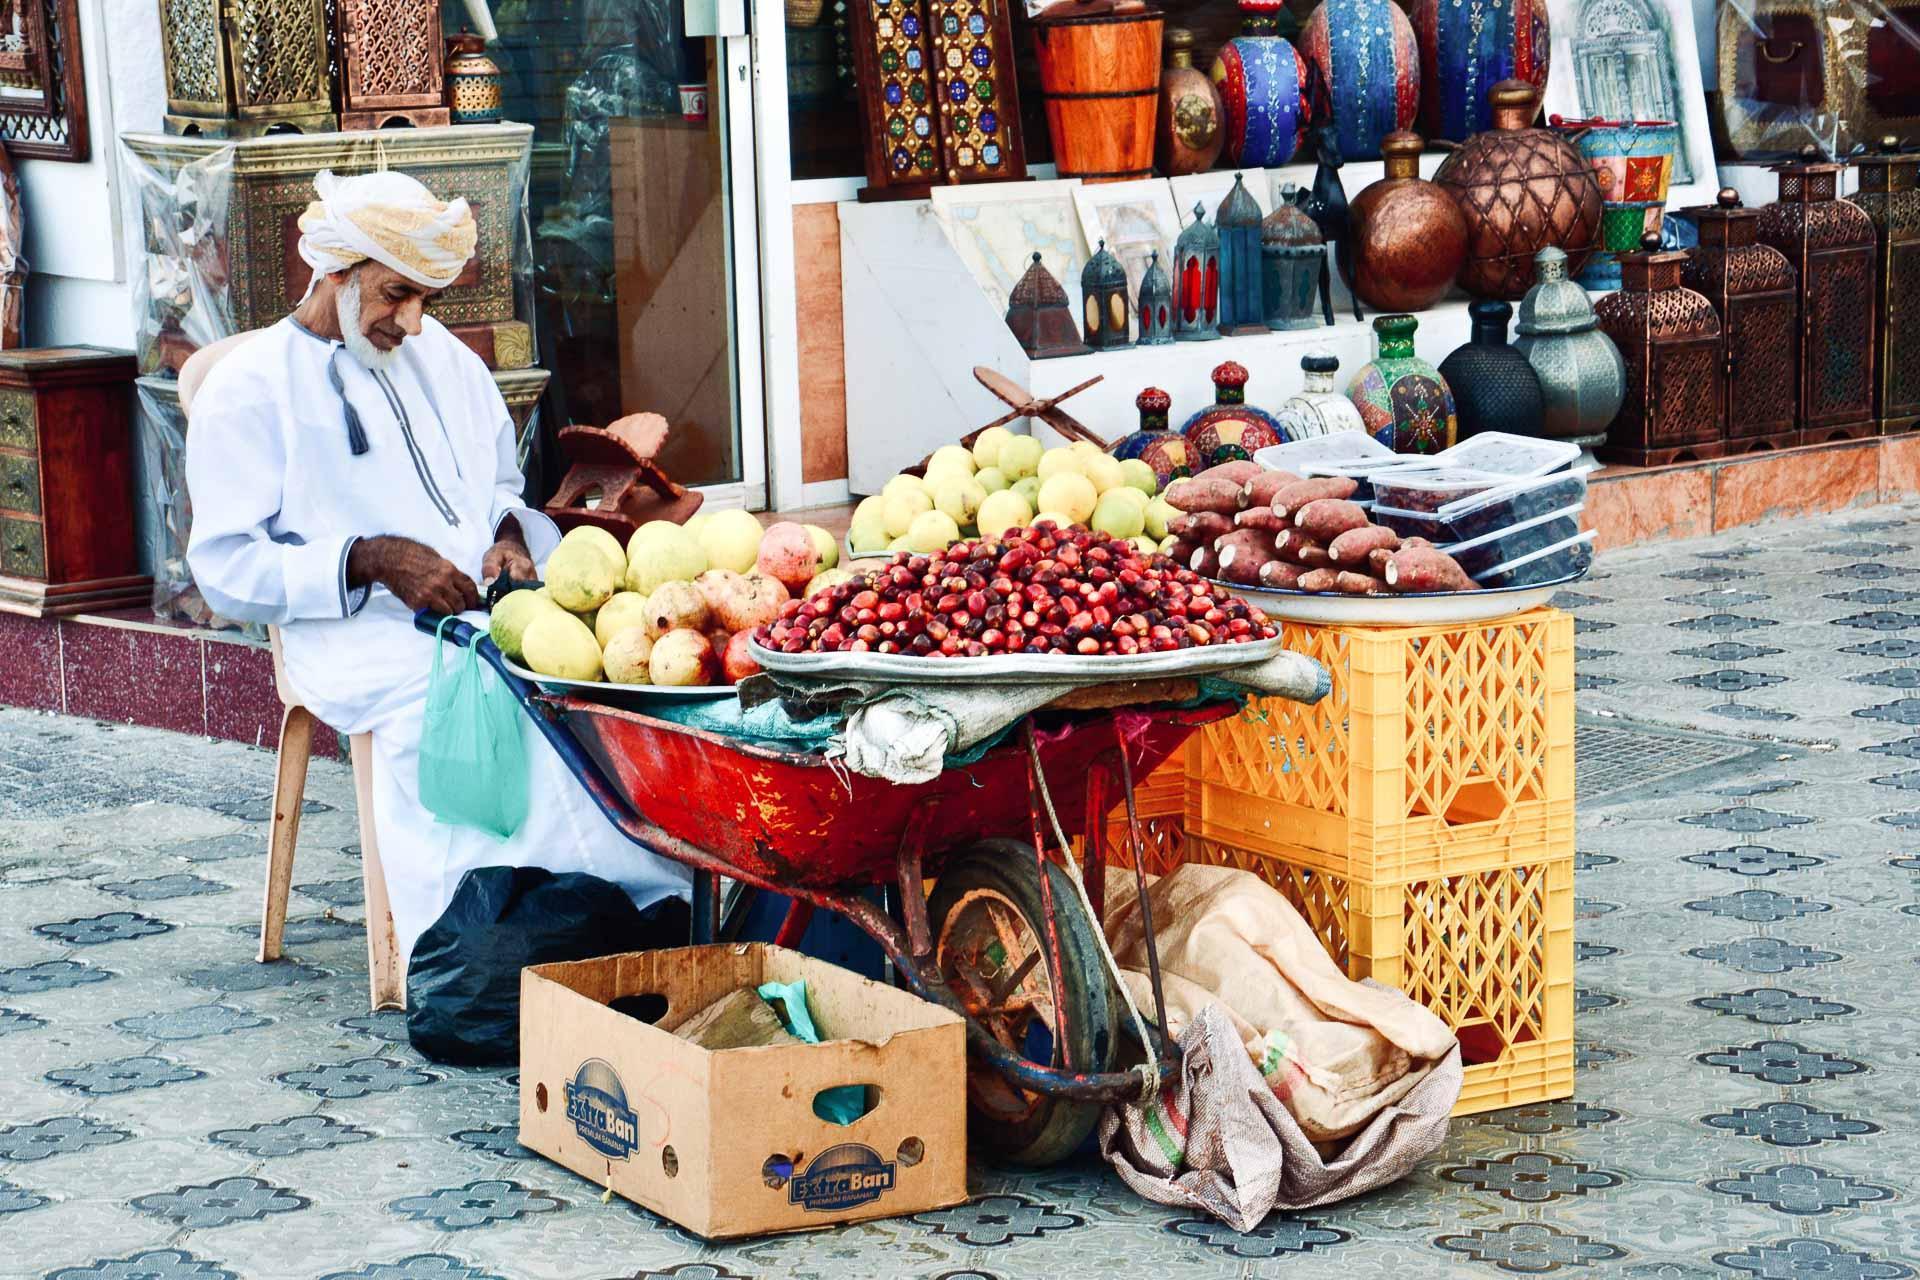 Le quartier de Mutrah de Mascate où se situent le souk, le marché aux poissons et le restaurant Bait Al Luban. © Emmanuel Laveran.